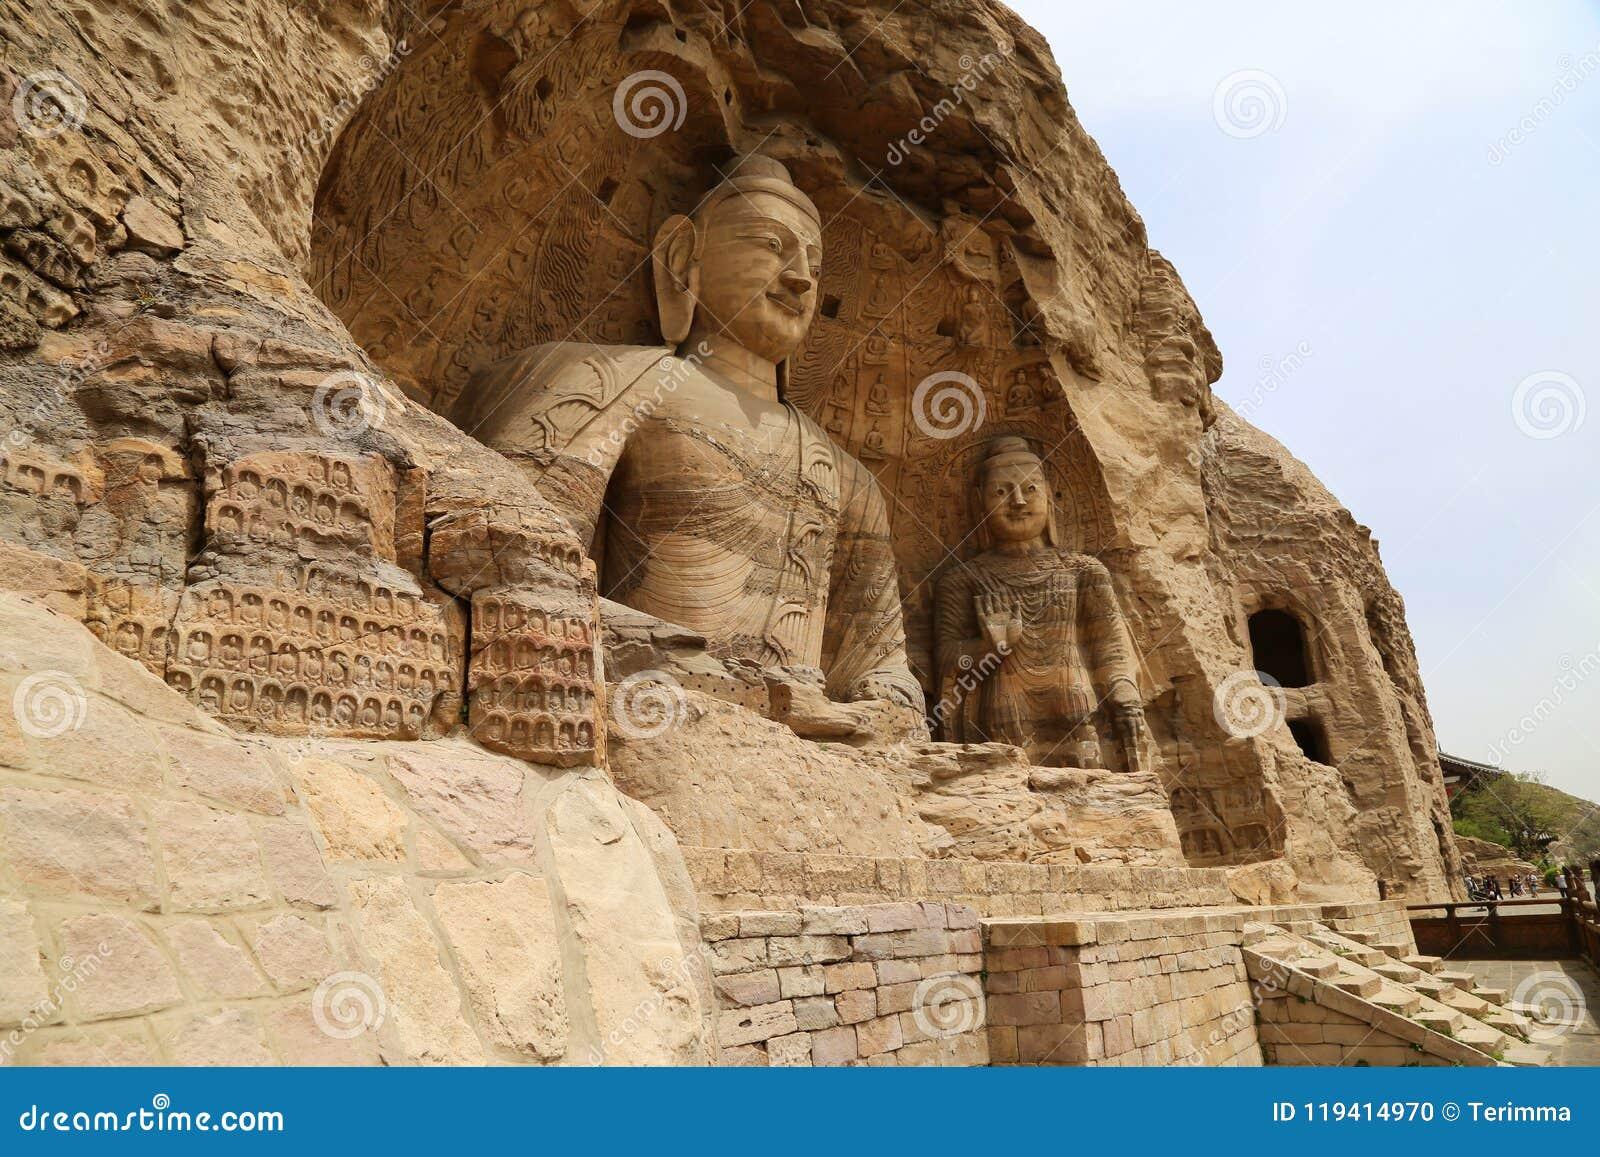 菩萨雕象,云冈洞洞穴,大同,中国